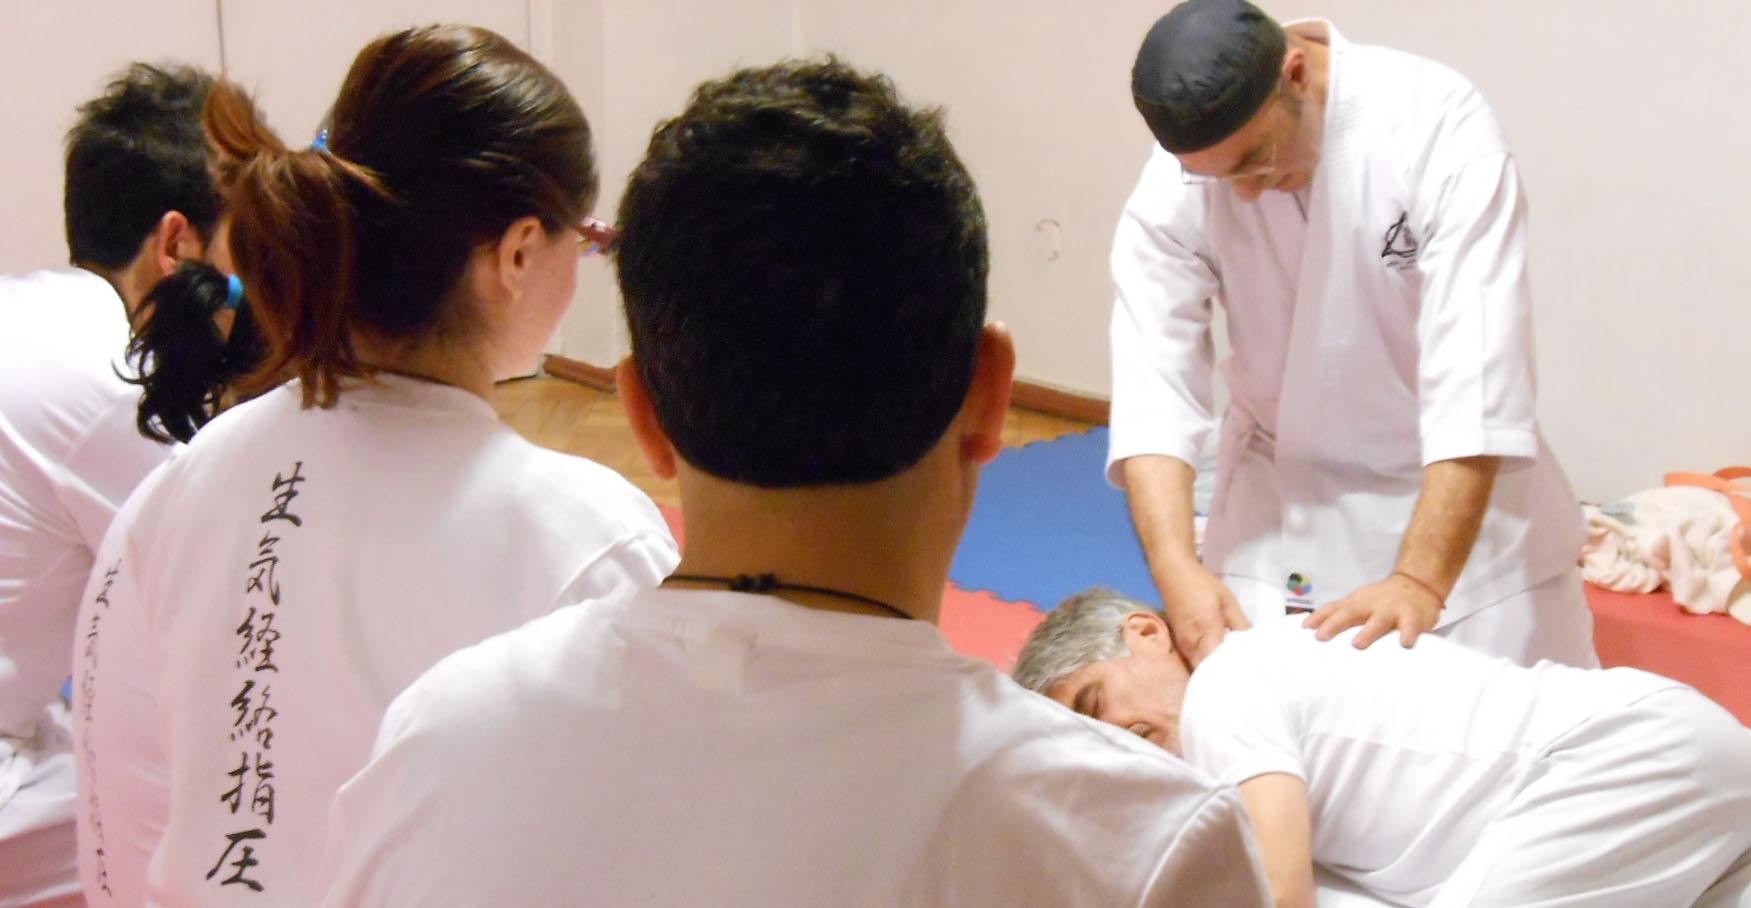 terapeutas_certificados_ficha_0001_Capa 2